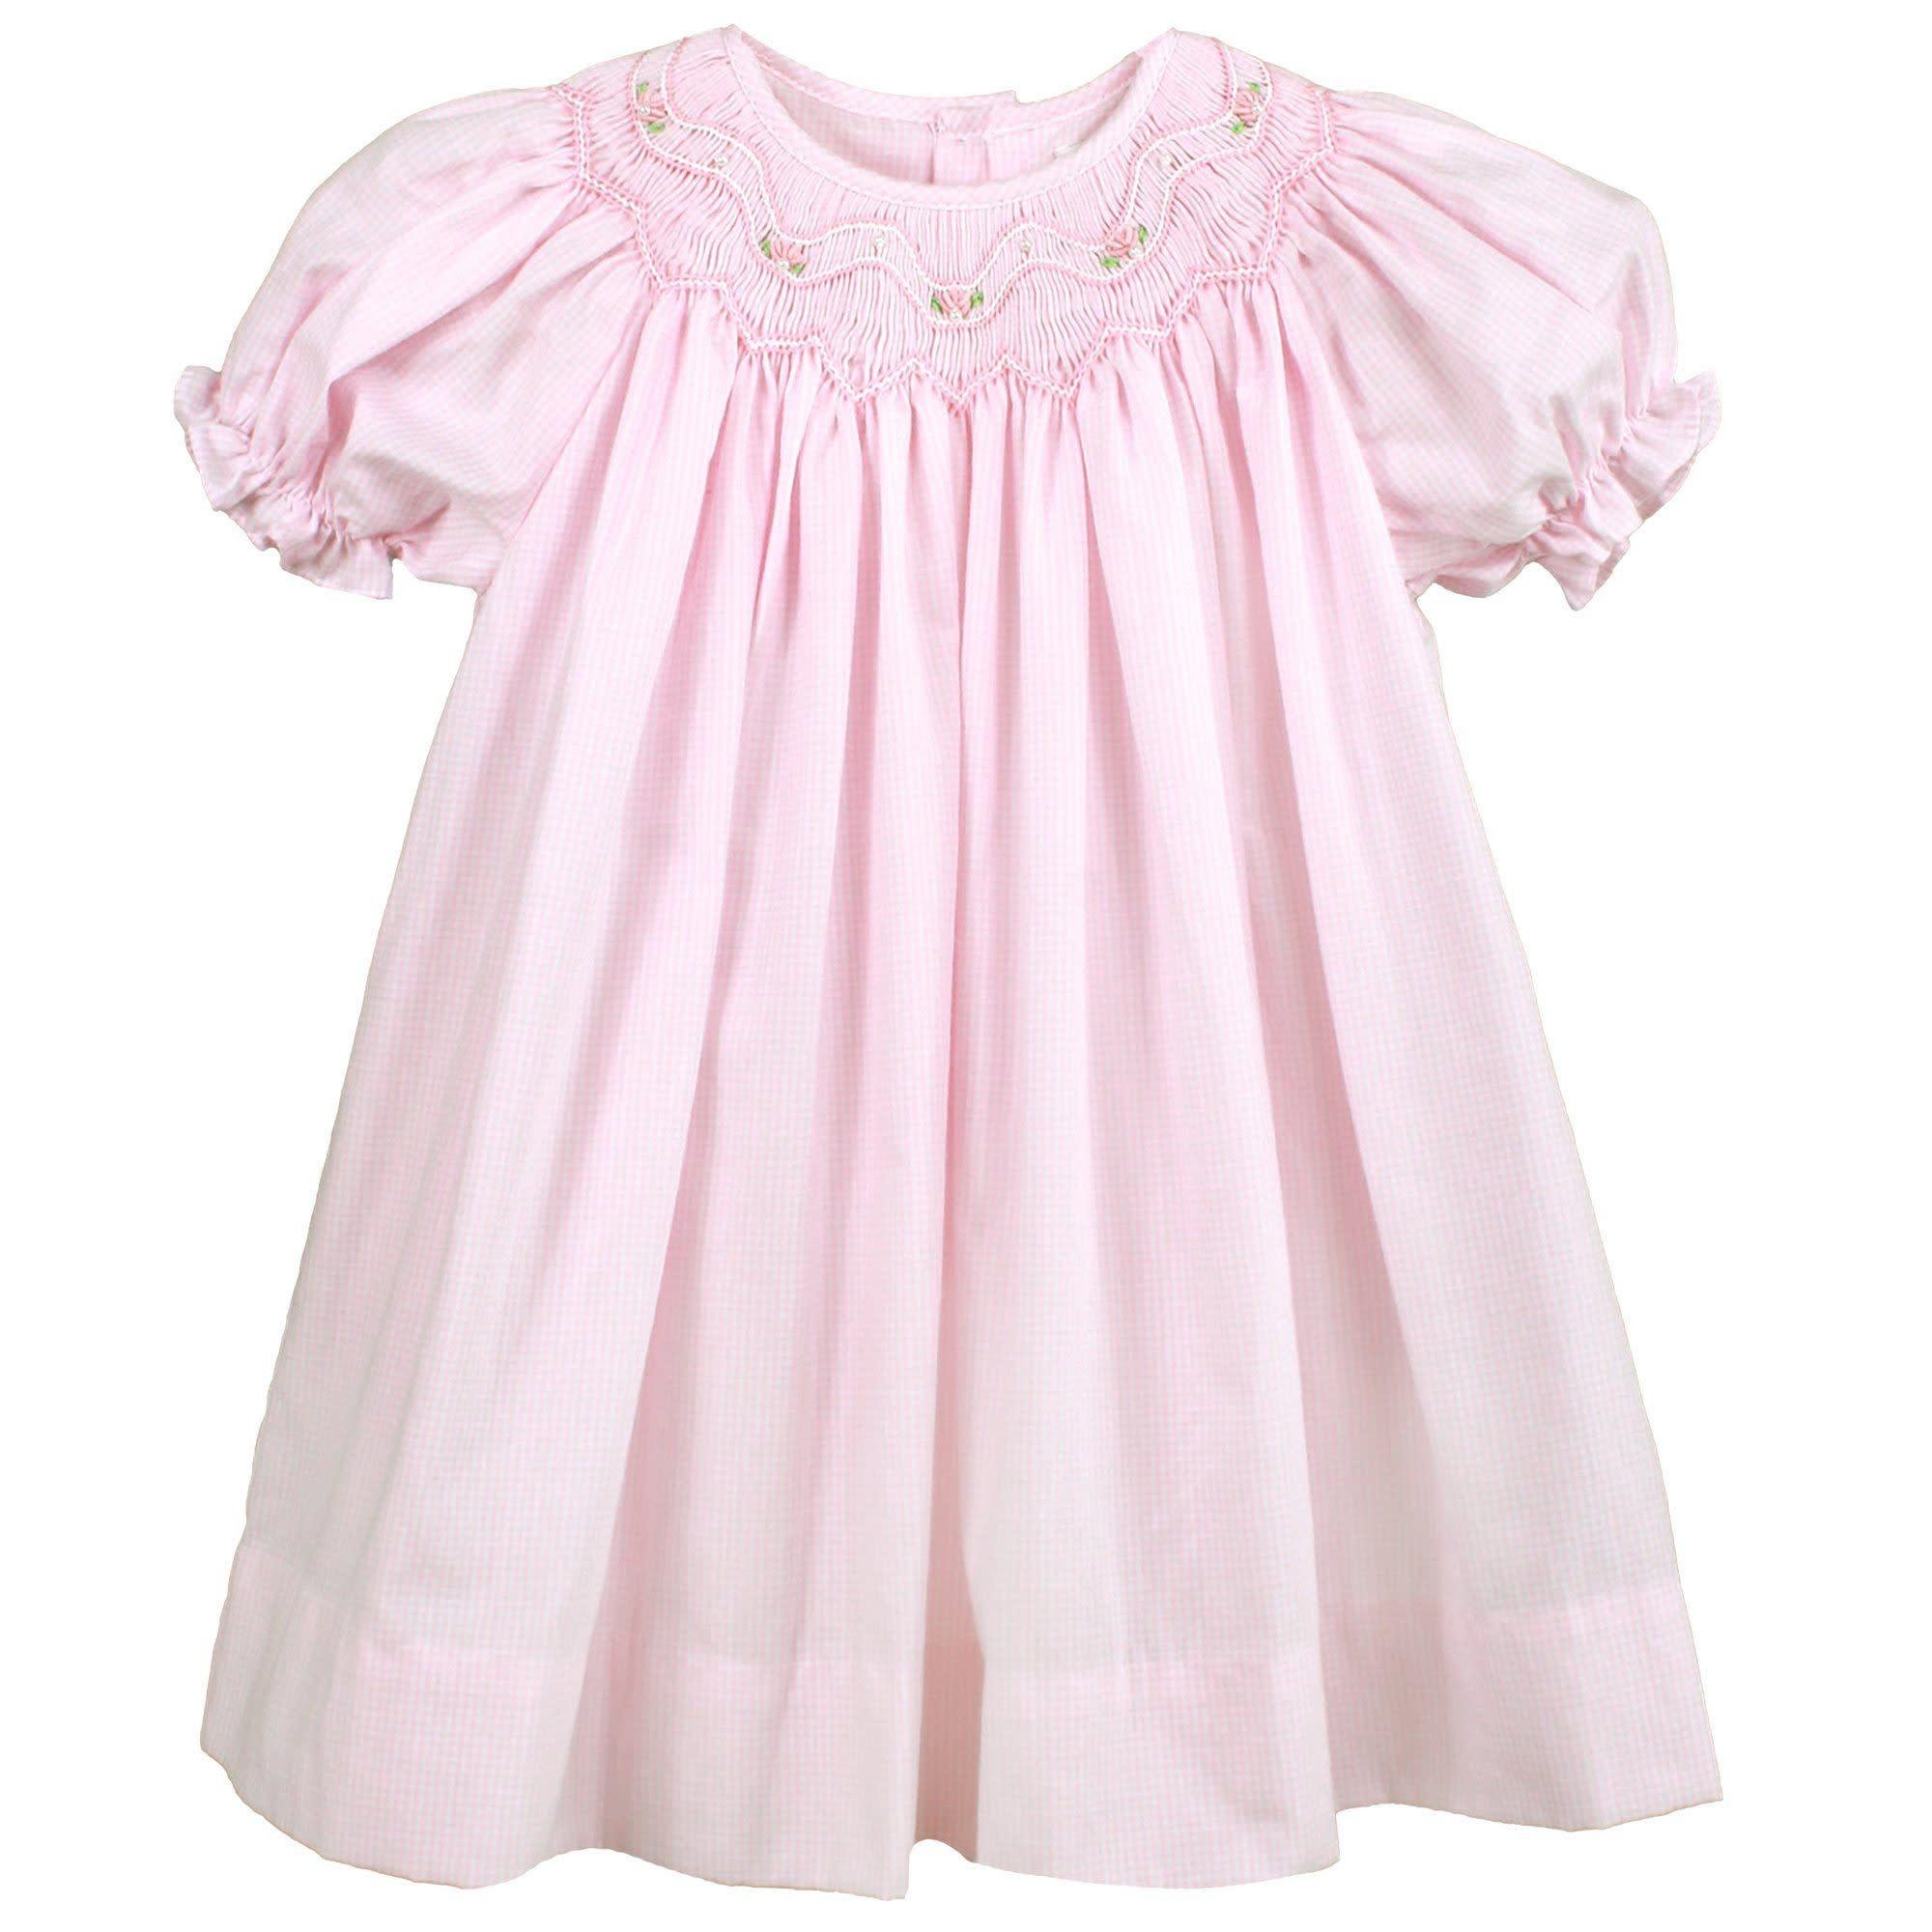 Renzo Bishop Zig Zag Smocked Dress